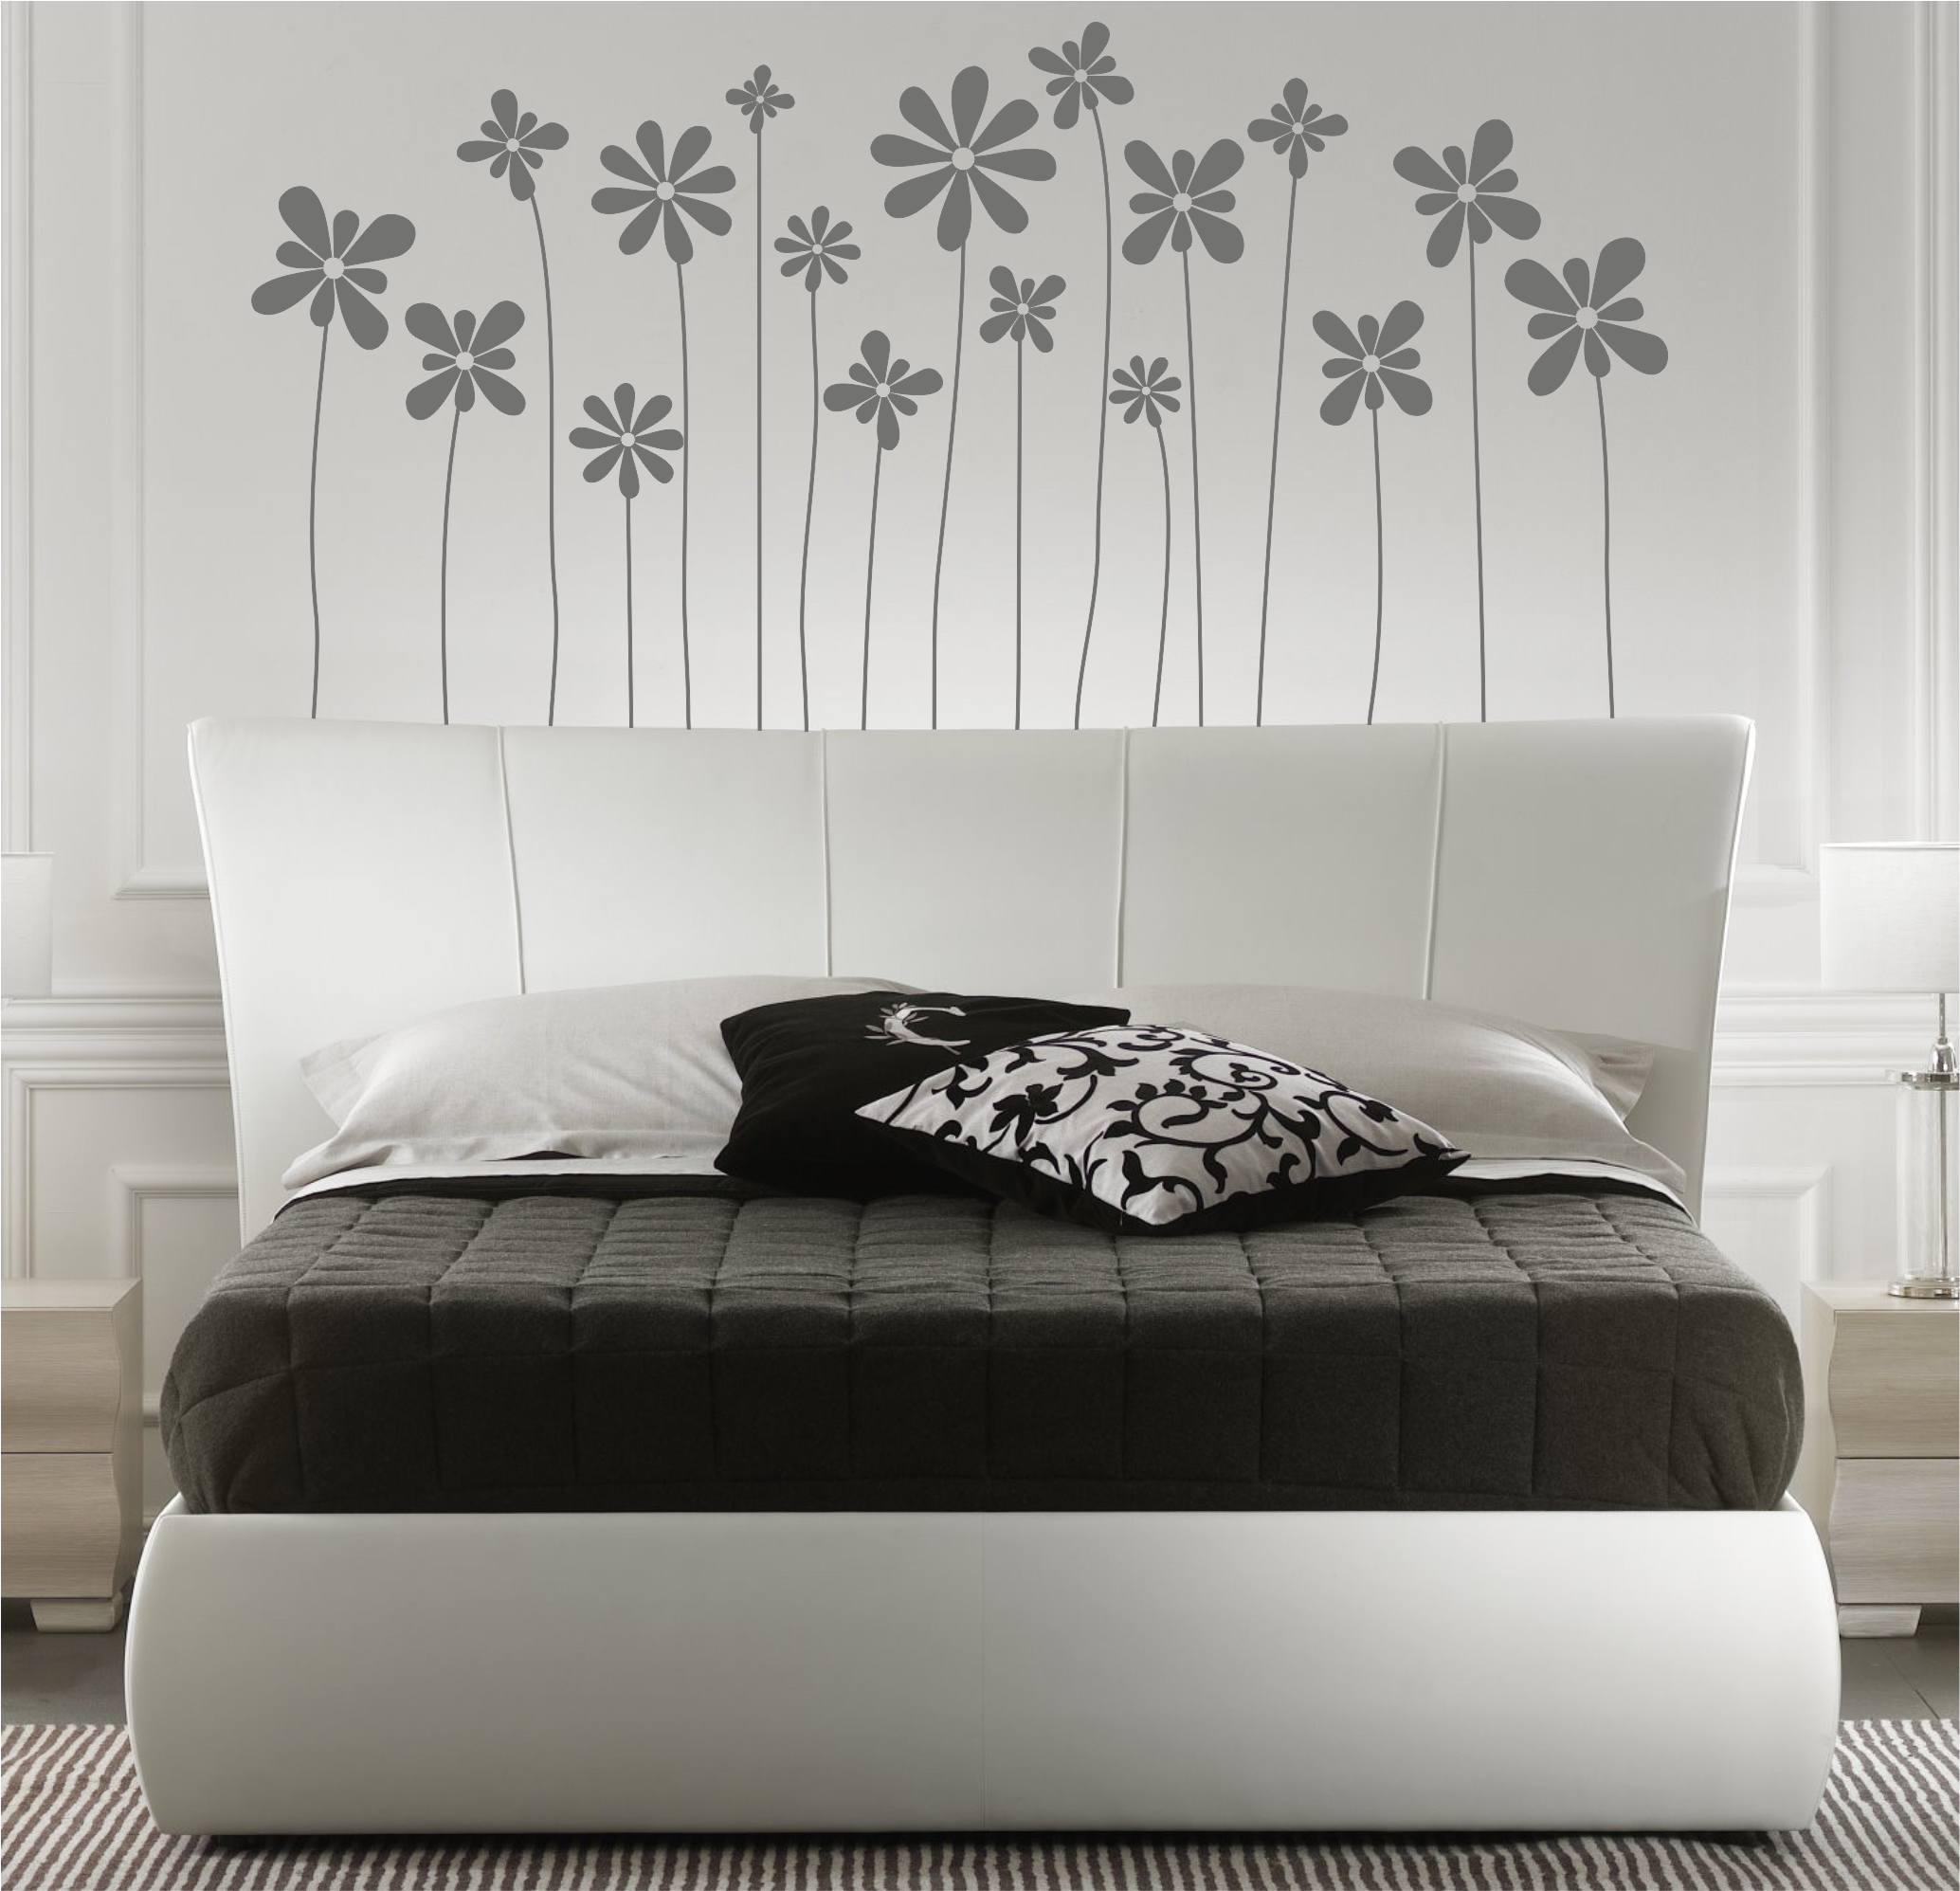 Vinilo decorativo de un cabecero de cama motivo floral 5 for Vinilo para dormitorio adultos